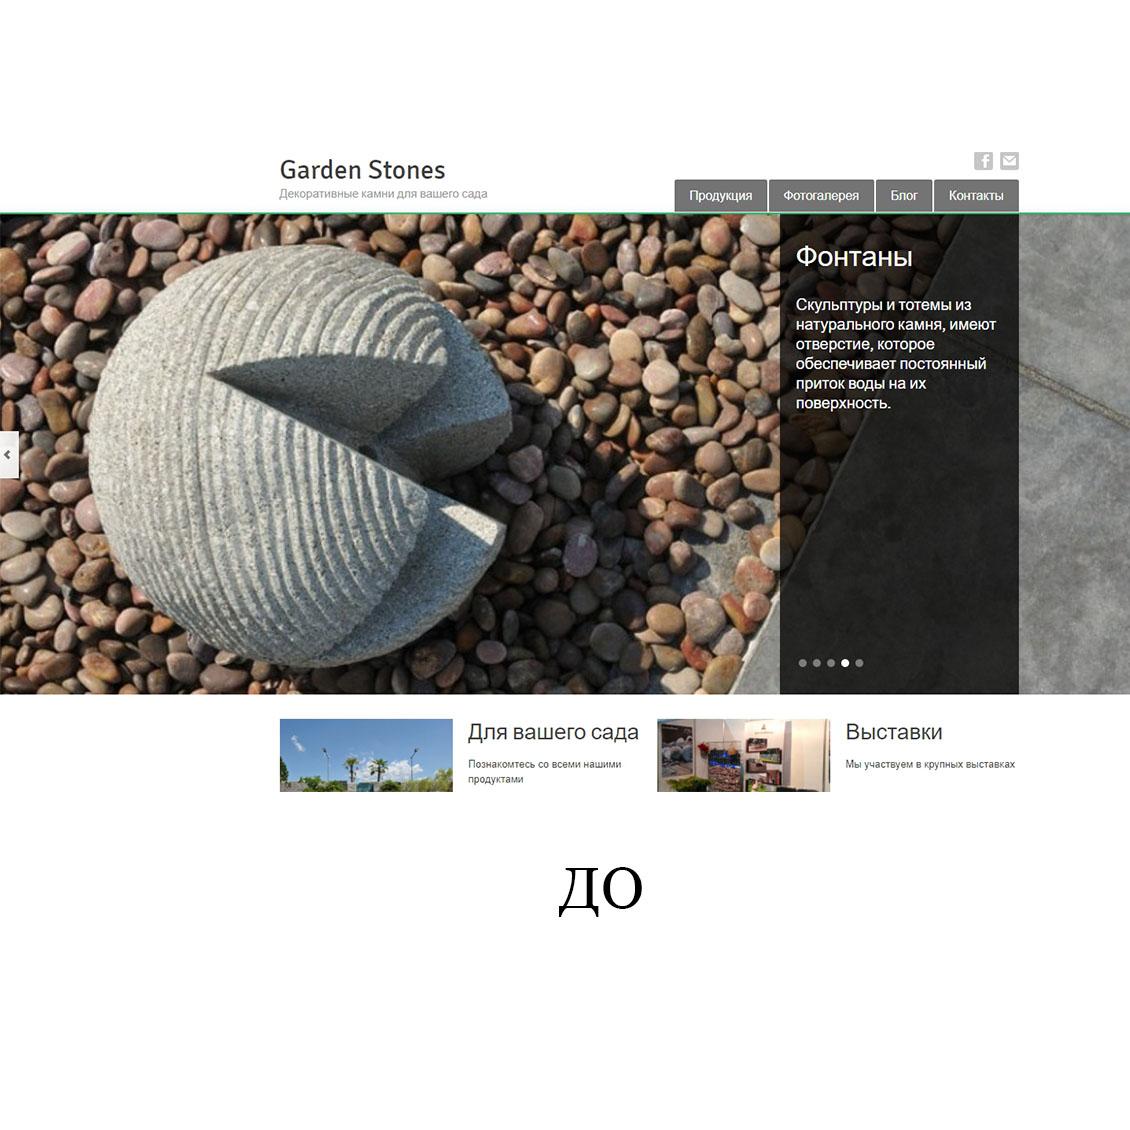 dekorativnyje-kamni